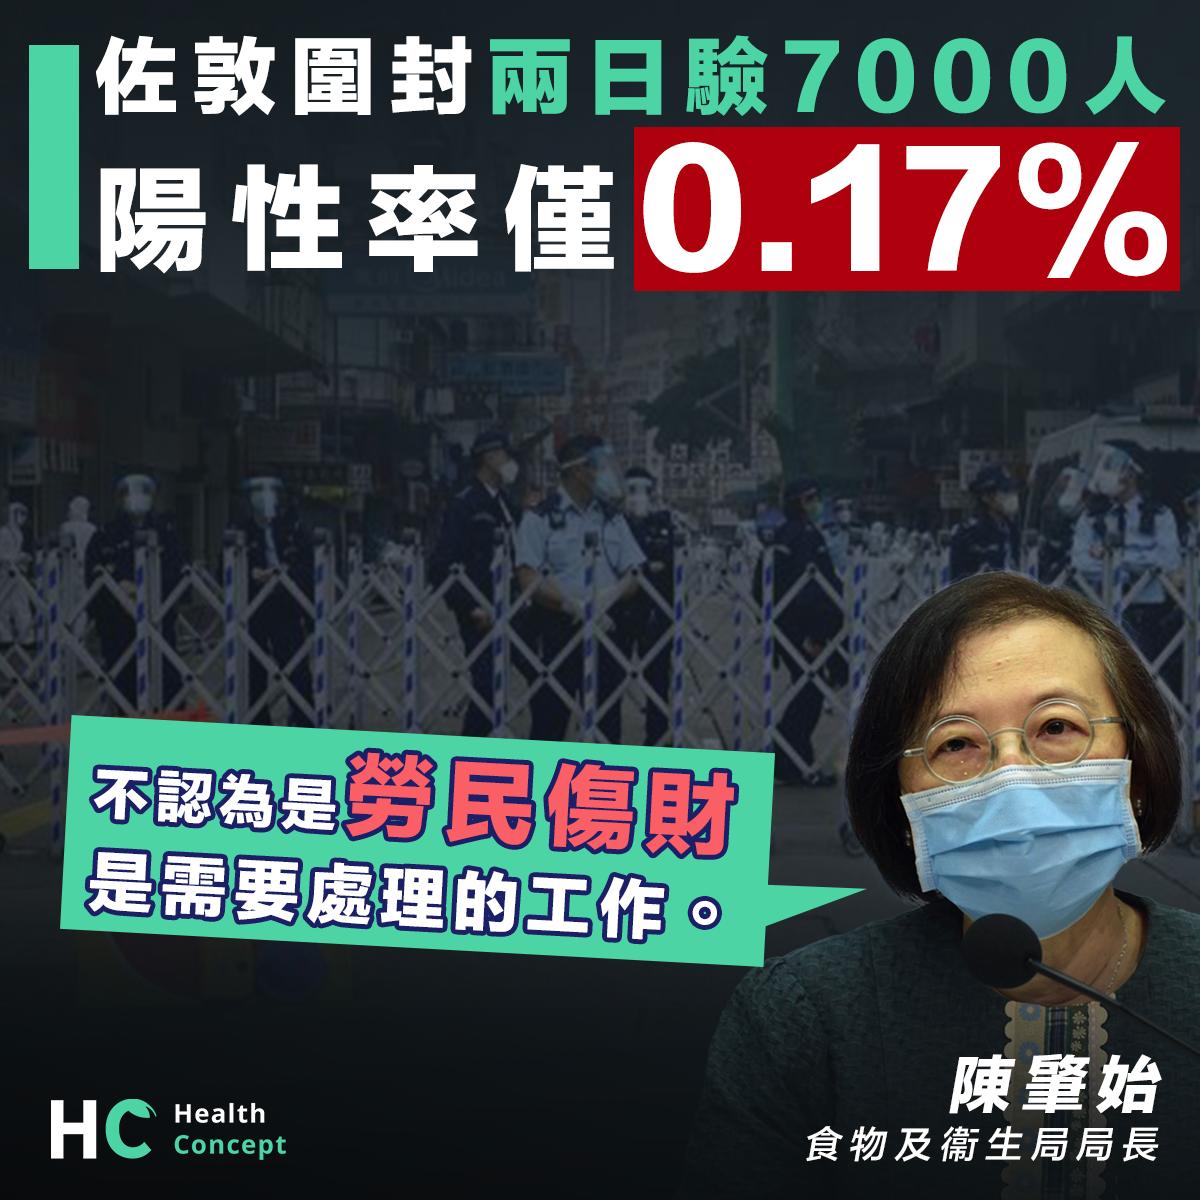 佐敦圍封兩日陽性率僅0.17% 陳肇始:不認為勞民傷財